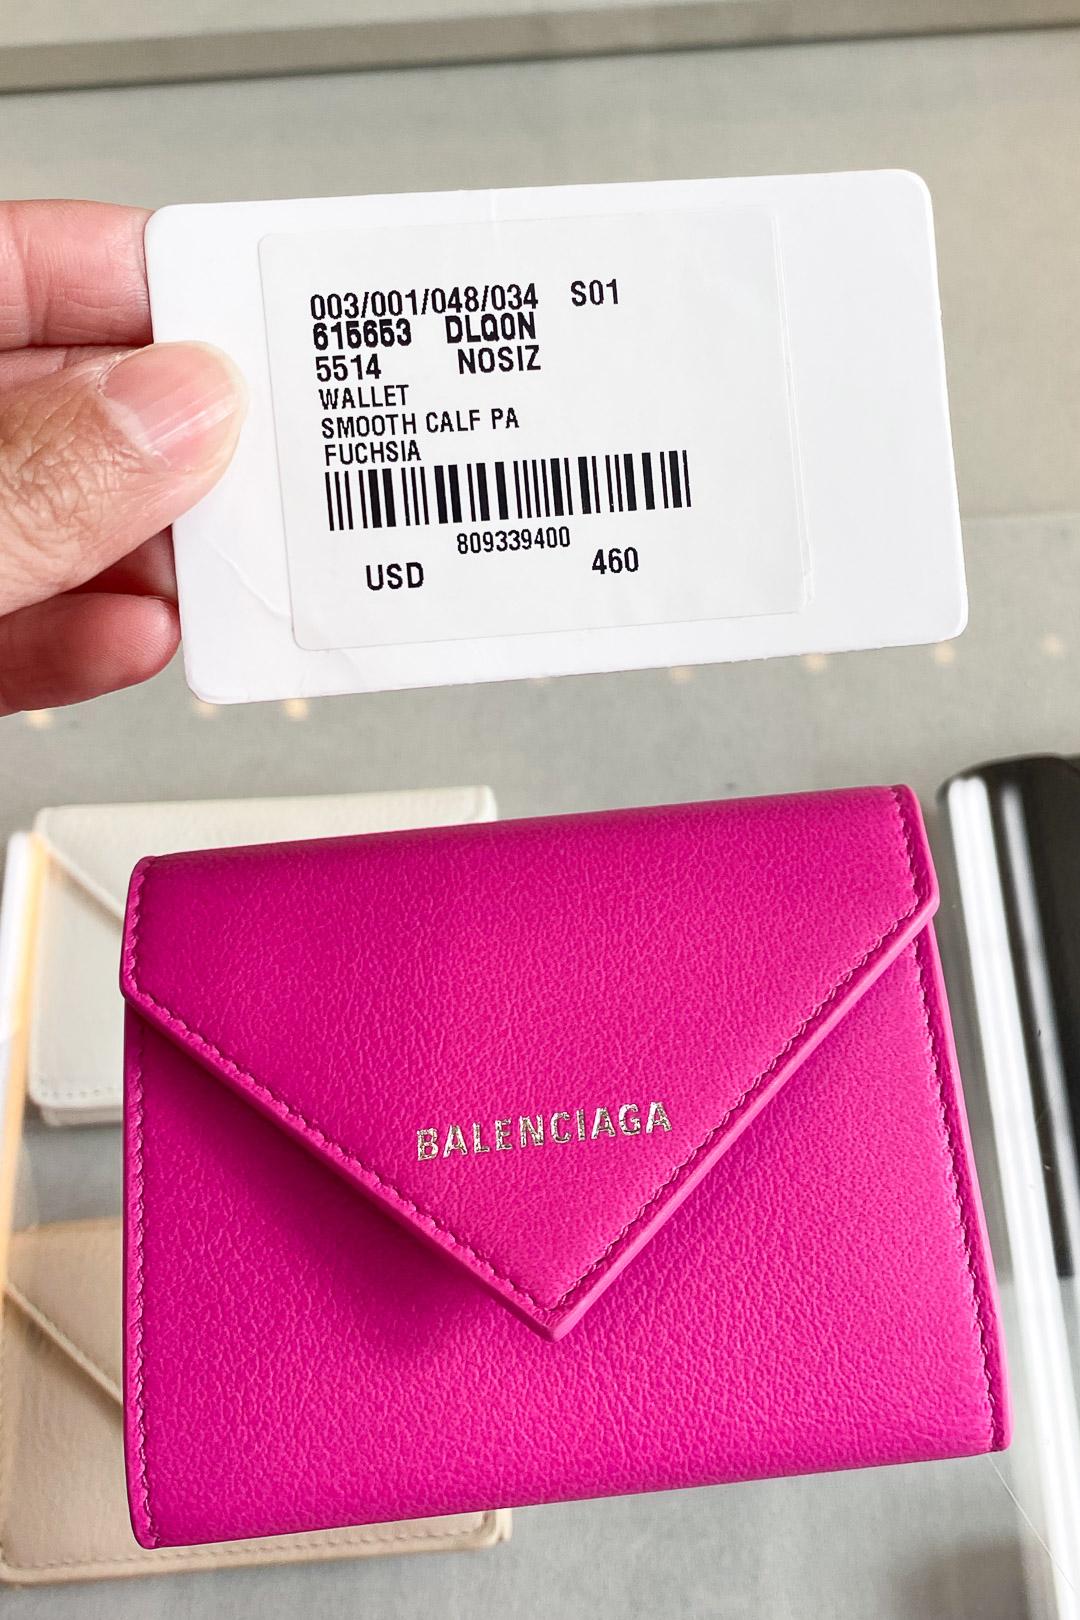 Balenciaga Hawaii Waikiki Women's Wallet Price